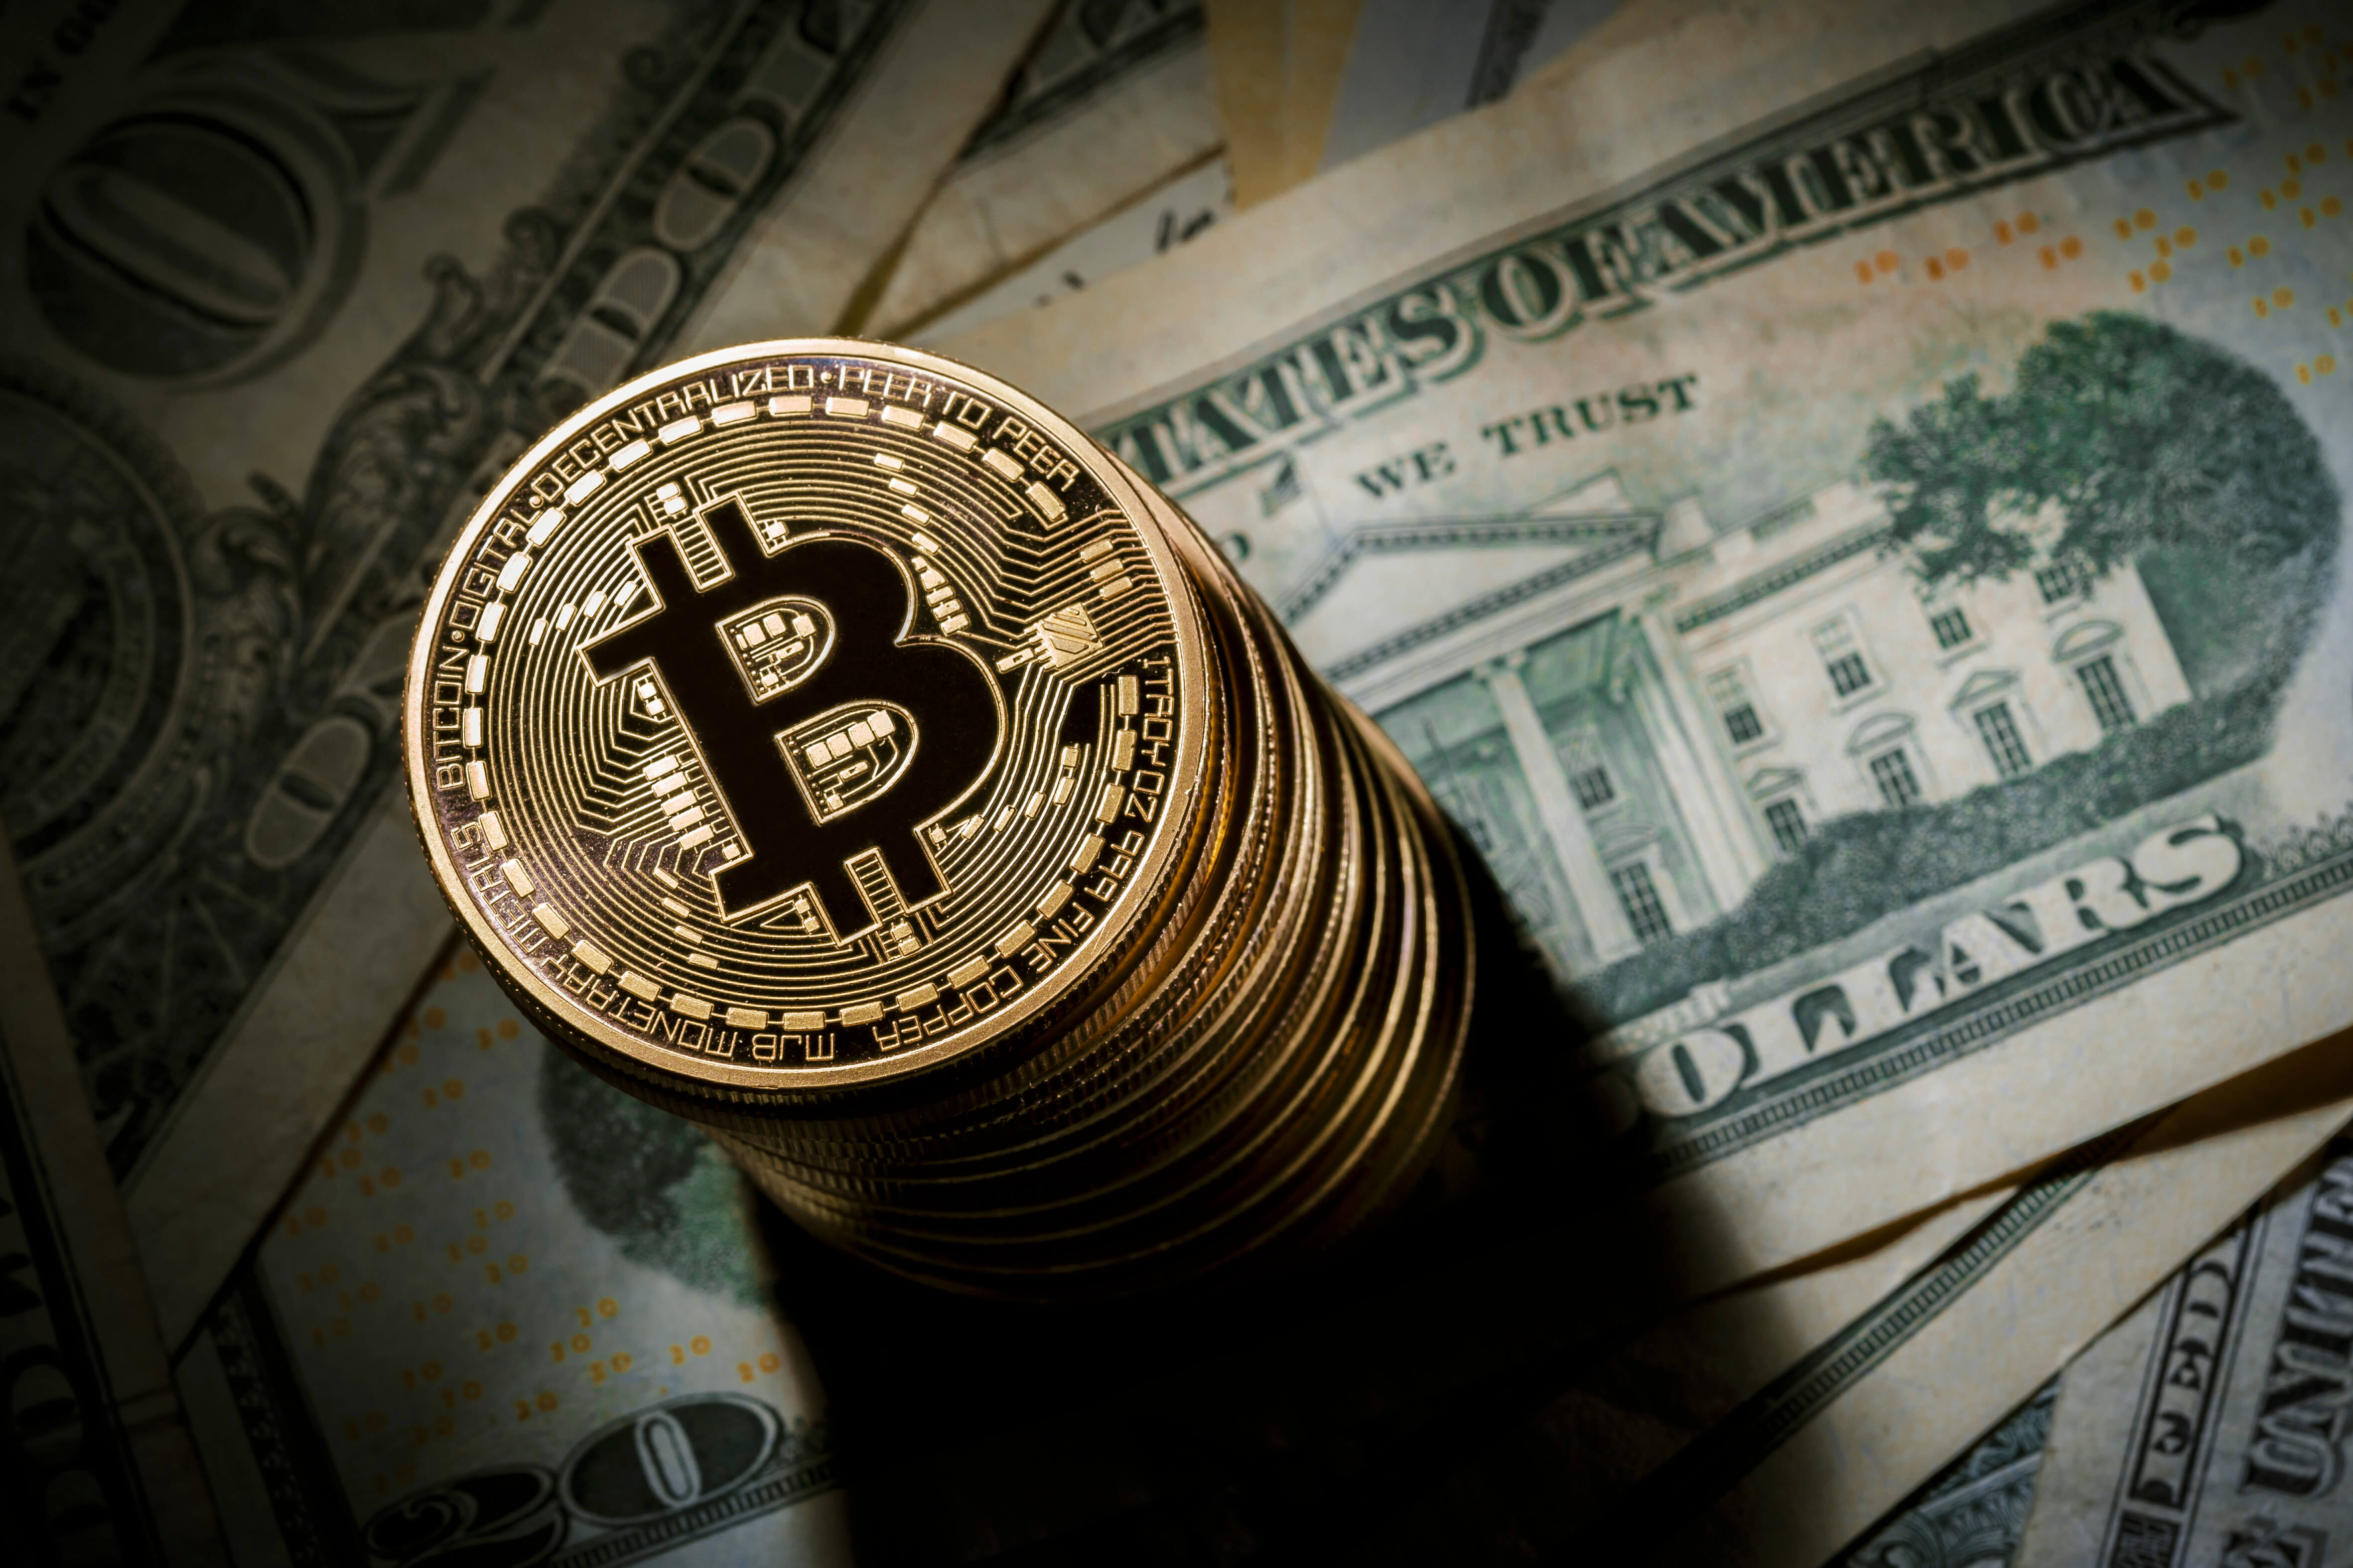 bit2me, bit2me limits, bit2me app, bit2me review, bit2me scam, bit2me Erfahrungen, bit2me Test, bit2me Bewertungen, bit2me Kryptowaehrungen, bit2me Bitcoin, bit2me Betrug, bit2me sicher, bitcoin kaufen kreditkarte, bitcoin kaufen und verkaufen, bitcoin kaufen sofort, bitcoin kaufen bargeld, bitcoin kaufen bankueberweisung, bitcoin kaufen beste seite, bitcoin kaufen empfehlung, bitcoin kaufen einfach, bitcoin kaufen guenstig, bitcoin kaufen lastschrift, bitcoin kaufen mit sepa, bitcoin kaufen niedrige gebuehren, bitcoin kaufen verkaufen erfahrungen, bitcoin kaufen wo am besten, kryptowaehrungen kaufen und verkaufen, wo kryptowaehrungen kaufen